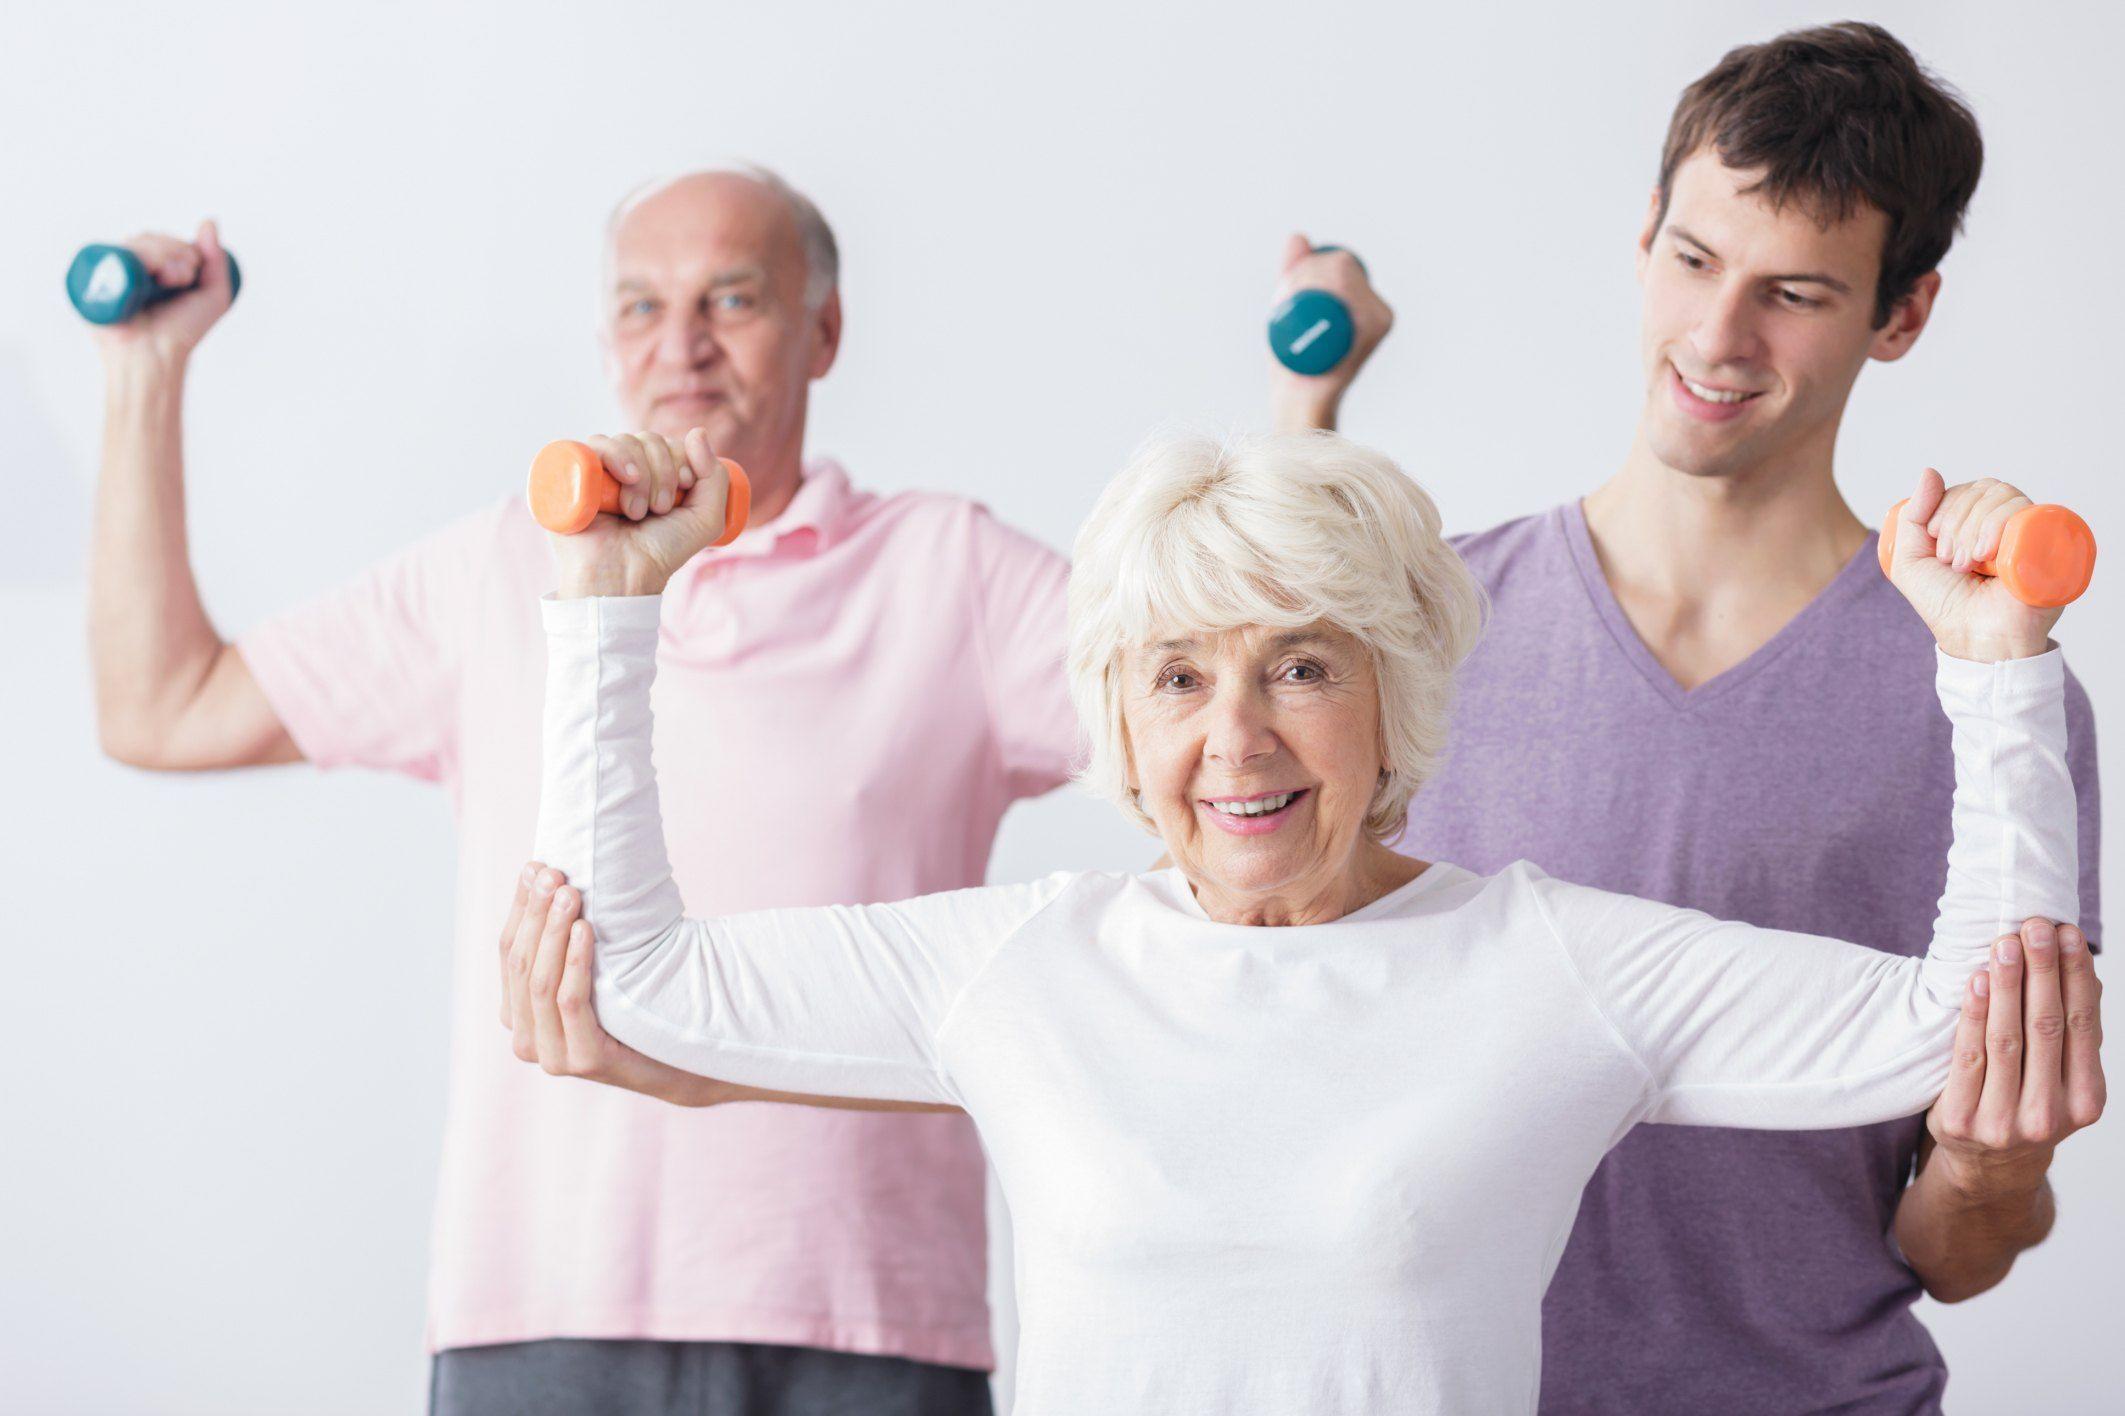 Dumbbell Exercises for Seniors #dumbbellexercises Dumbbell Exercises for Seniors | Livestrong.com #dumbbellexercises